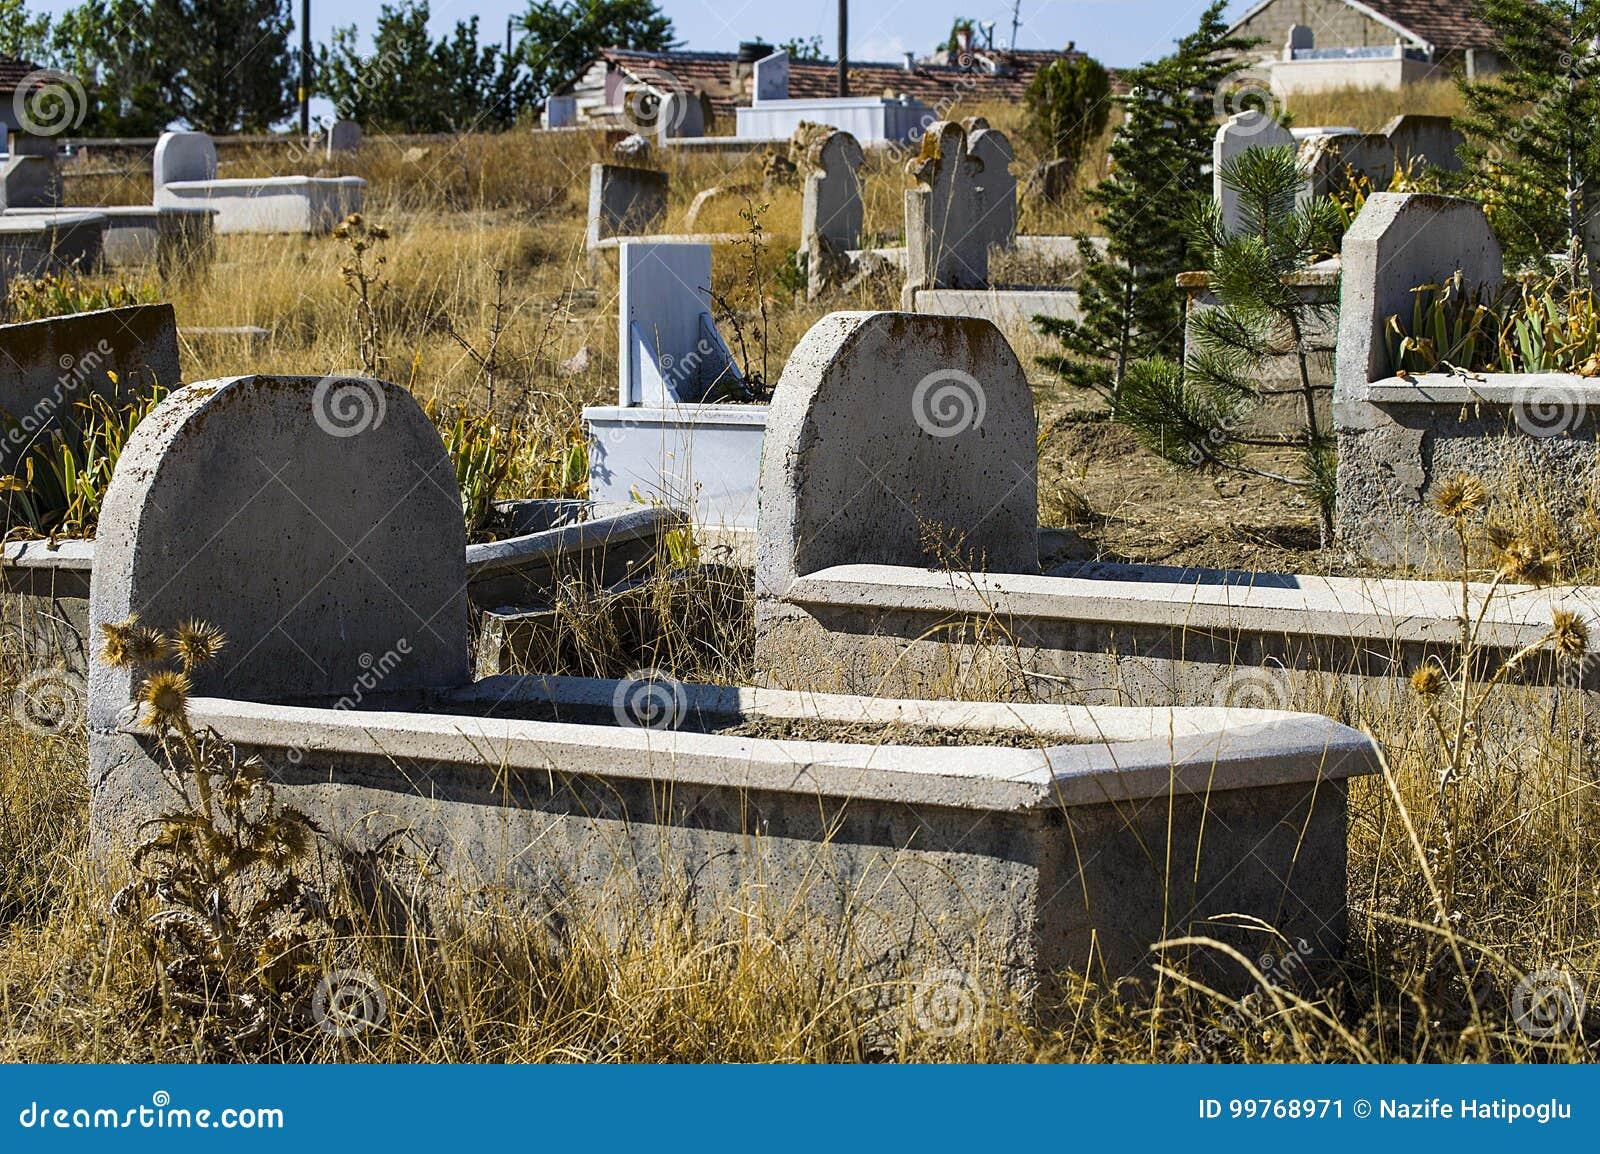 Muslim Graveyard, Graveyard Paintings, Tombstones And The